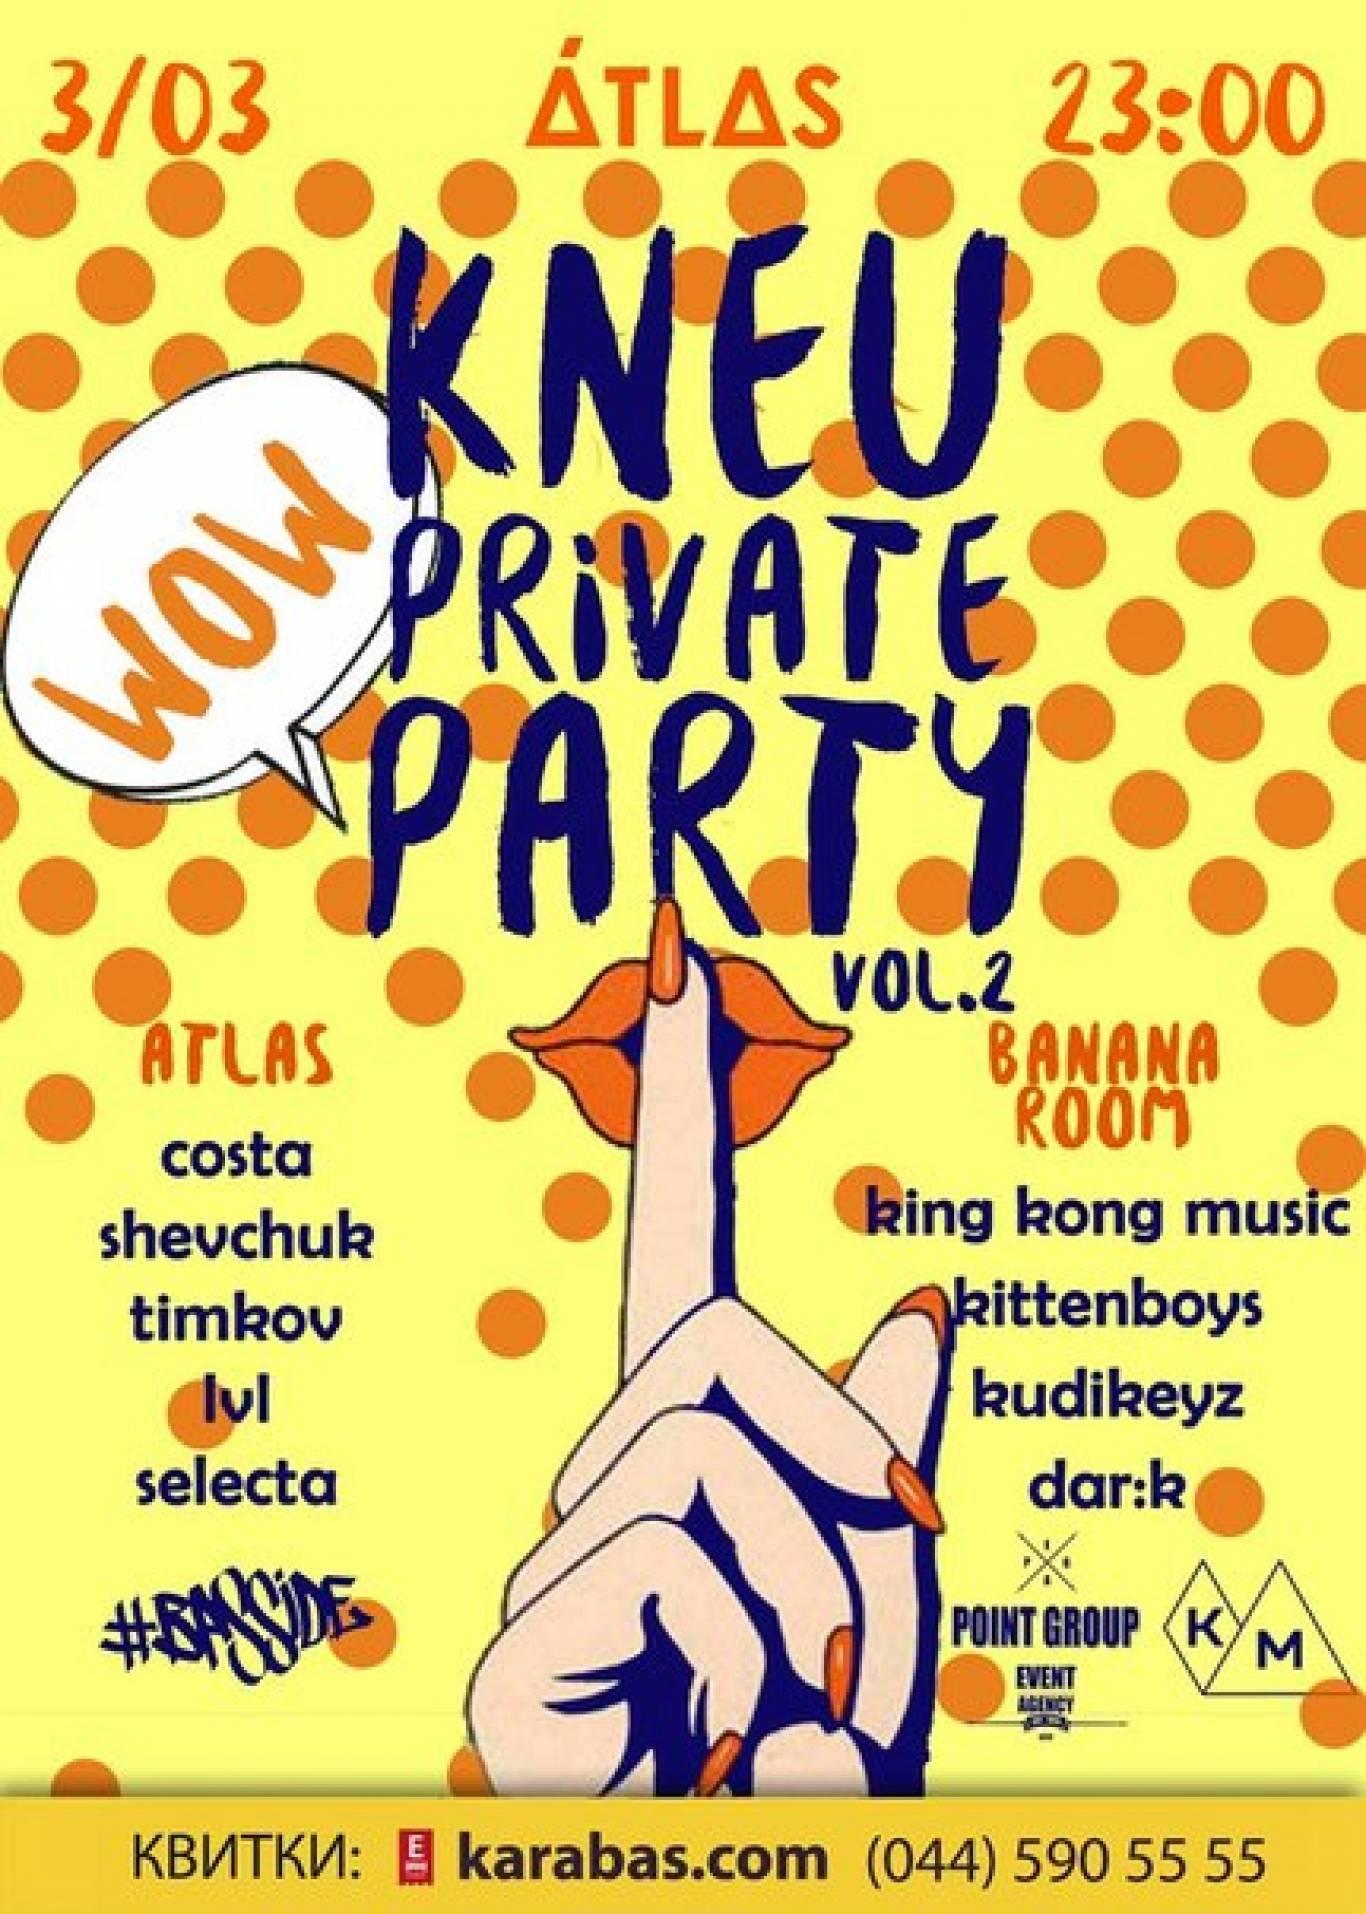 Вечірка KNEU Private Party vol.2 в клубі Atlas